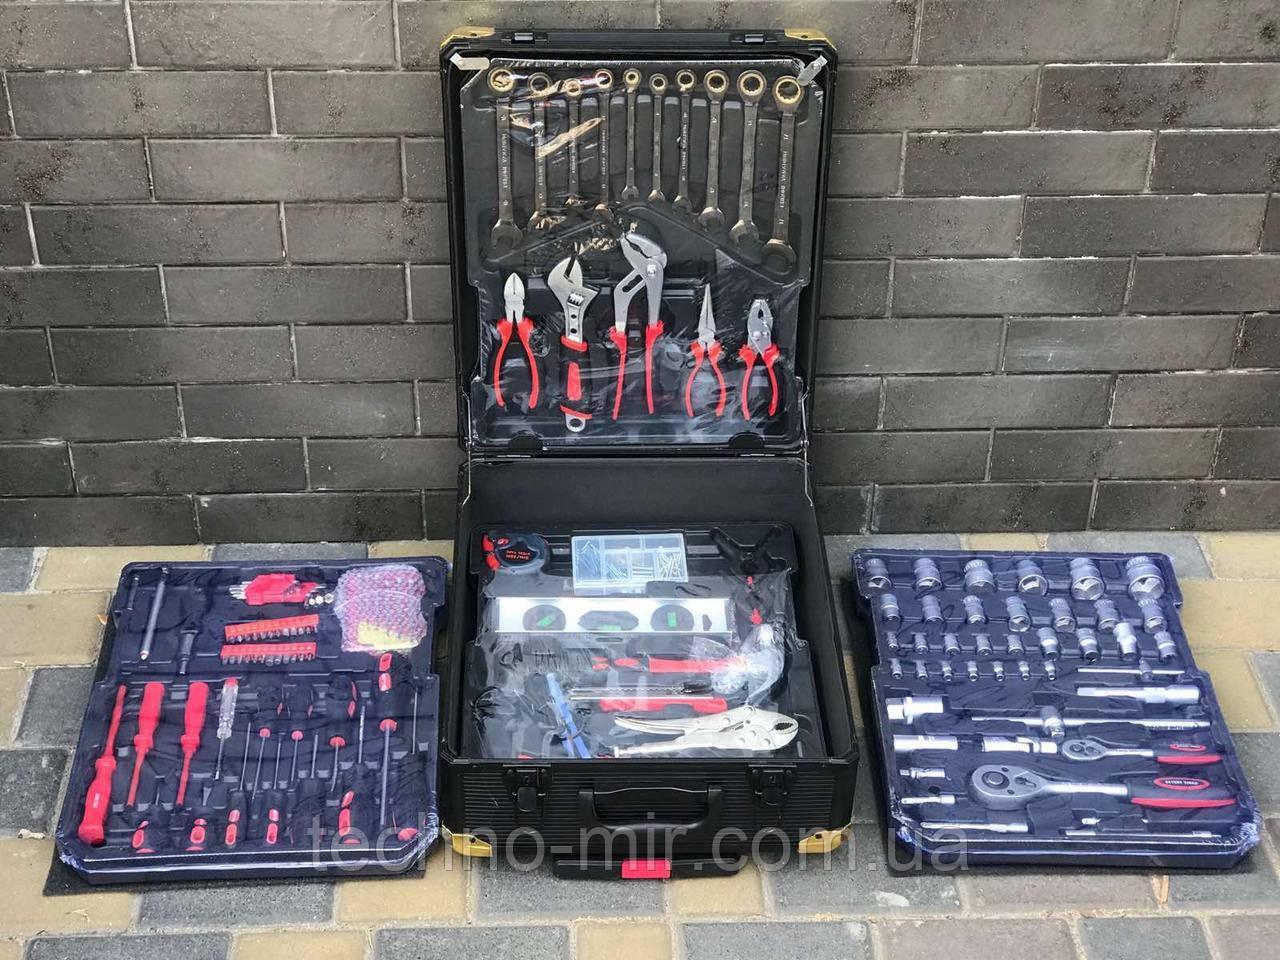 Набір інструментів BAYERN Tools 409pcs